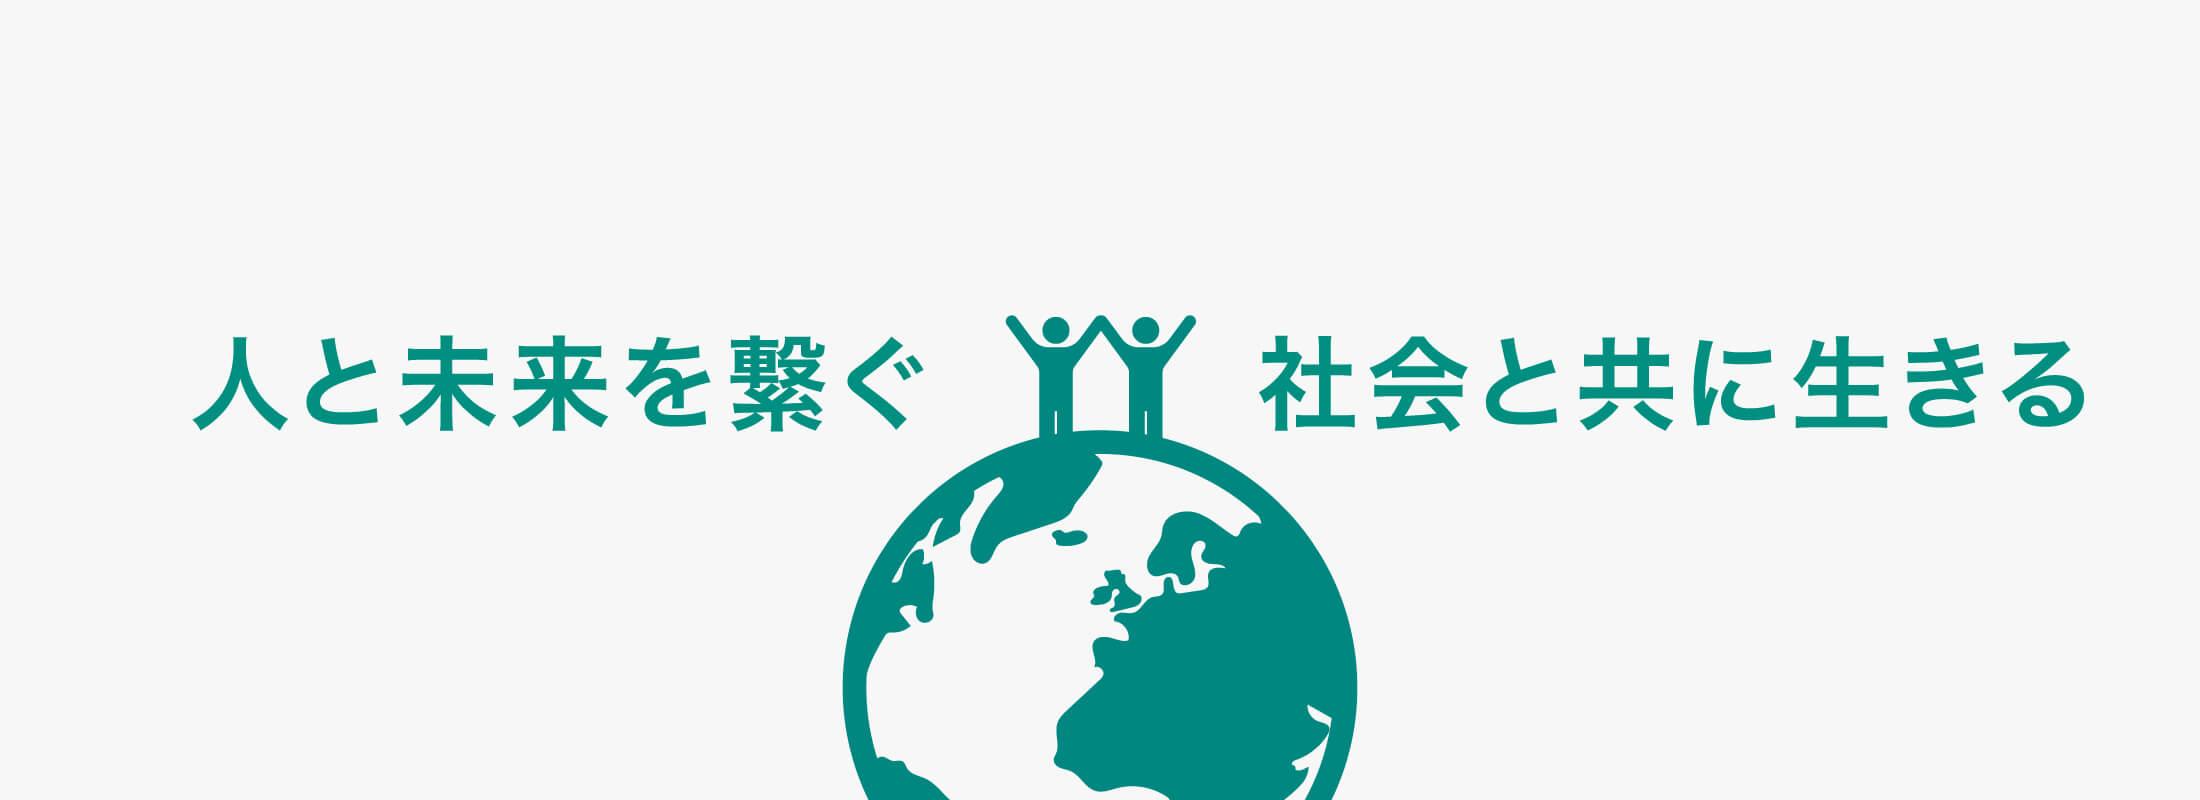 人権・社会貢献活動